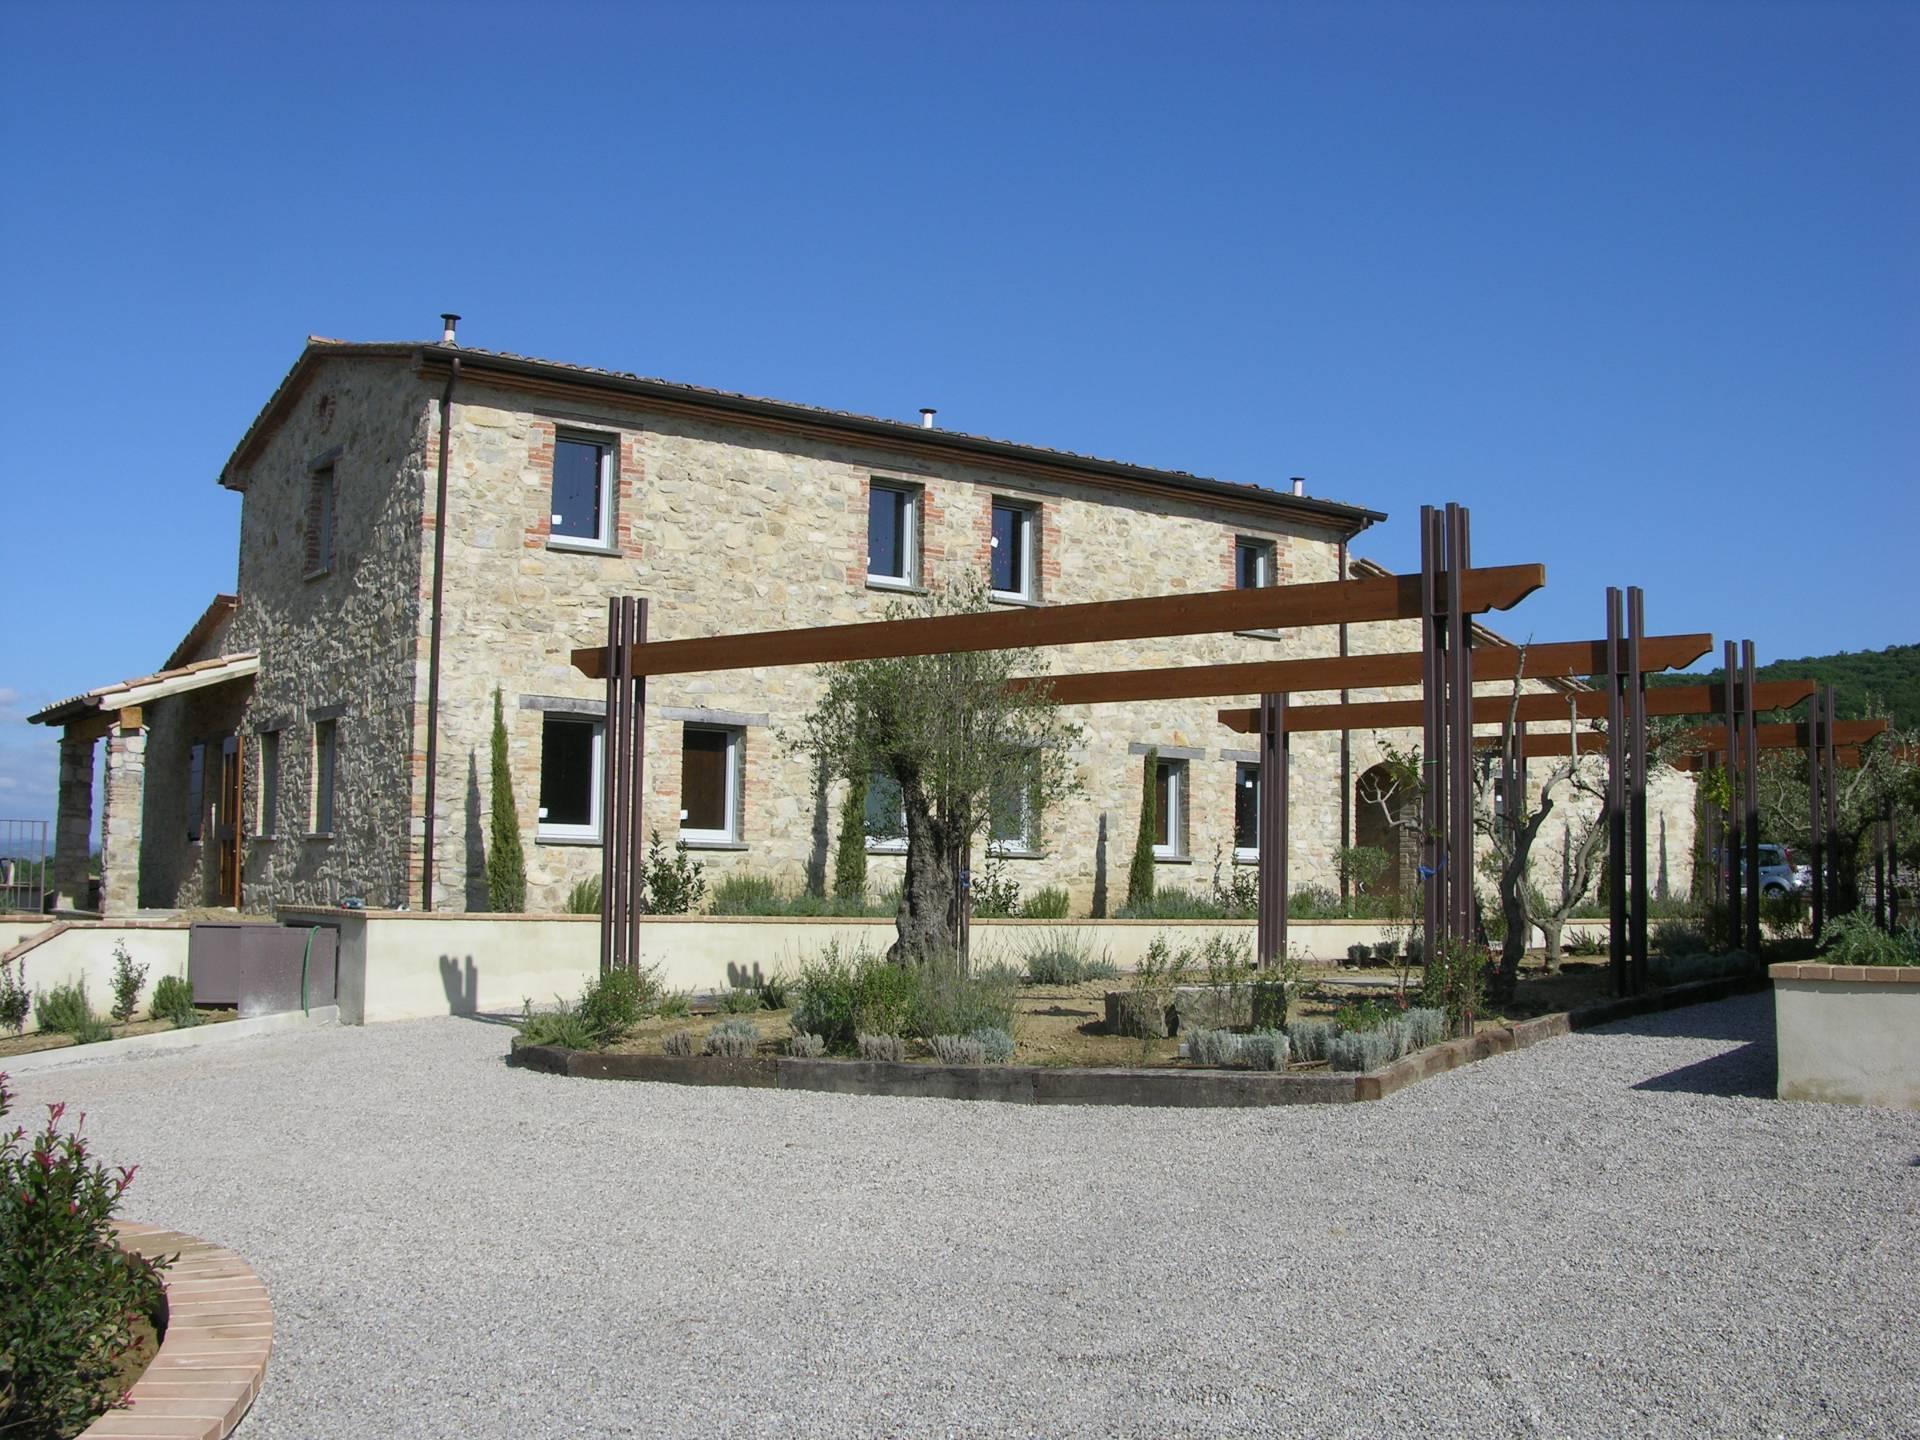 Appartamento in vendita a Umbertide, 5 locali, prezzo € 285.000 | CambioCasa.it